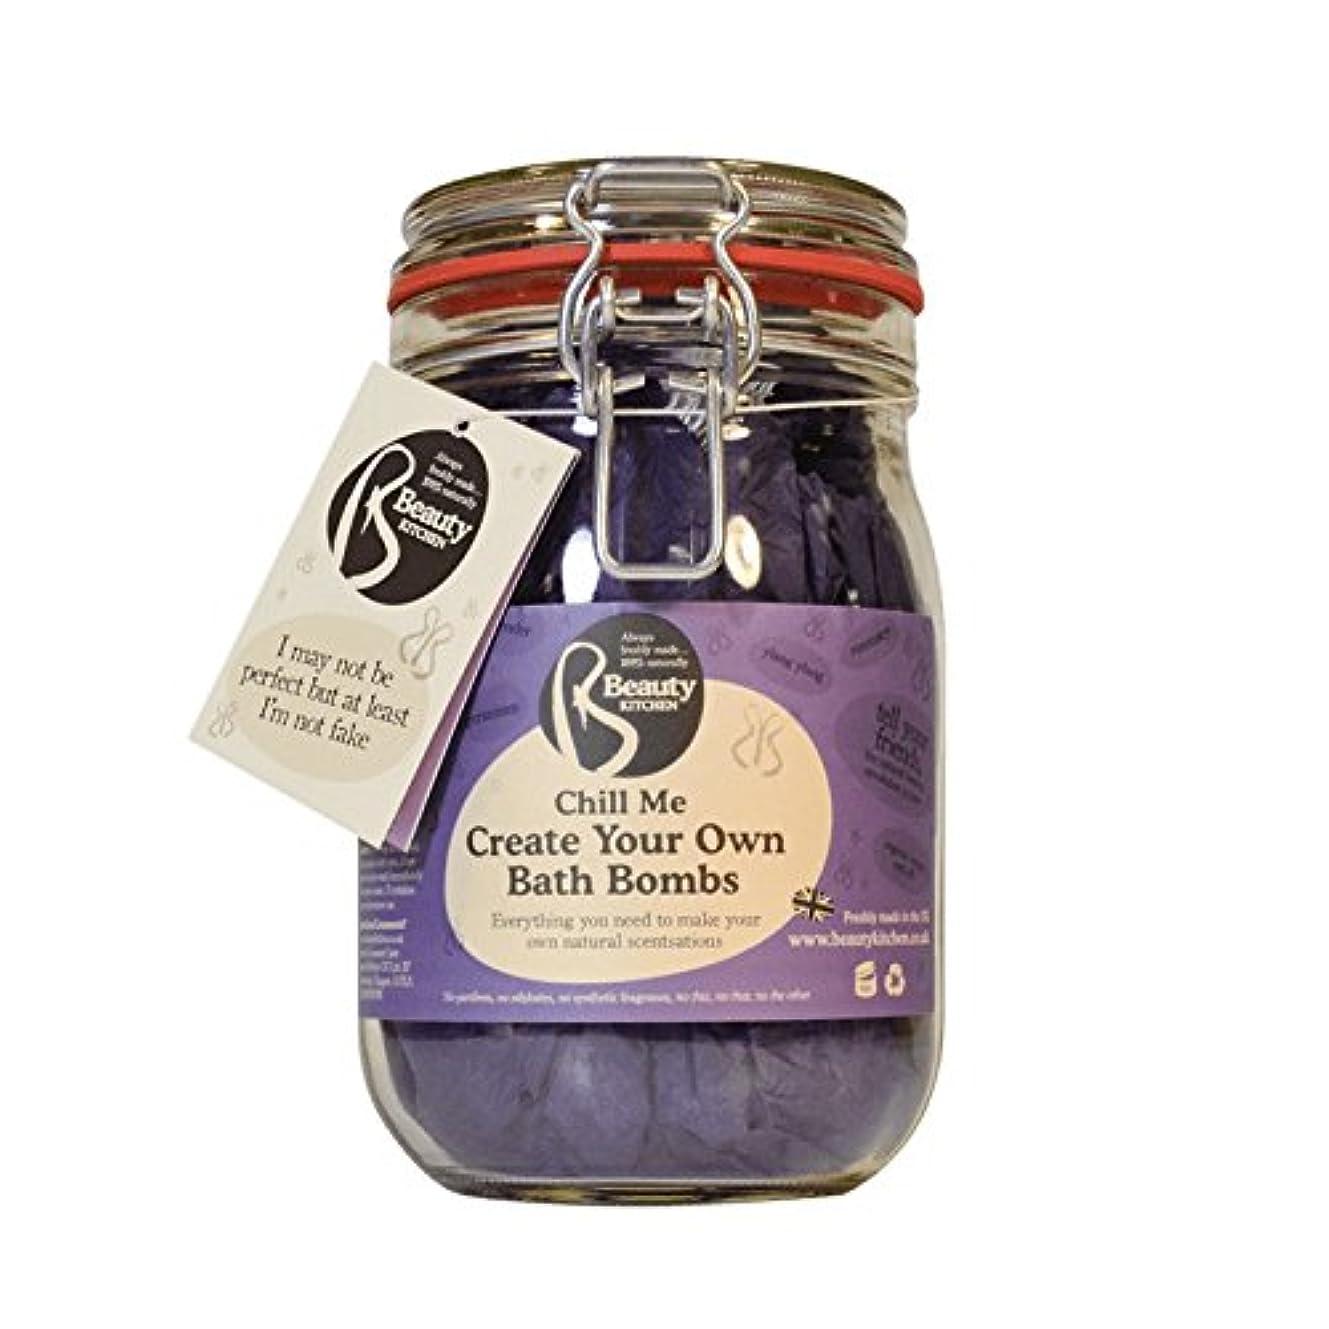 スカーフトレーニング共同選択Beauty Kitchen Chill Me Create Your Own Bath Bomb Kit (Pack of 6) - 美しさのキッチンは私が自分自身の風呂爆弾キットを作成して冷やします (x6) [並行輸入品]